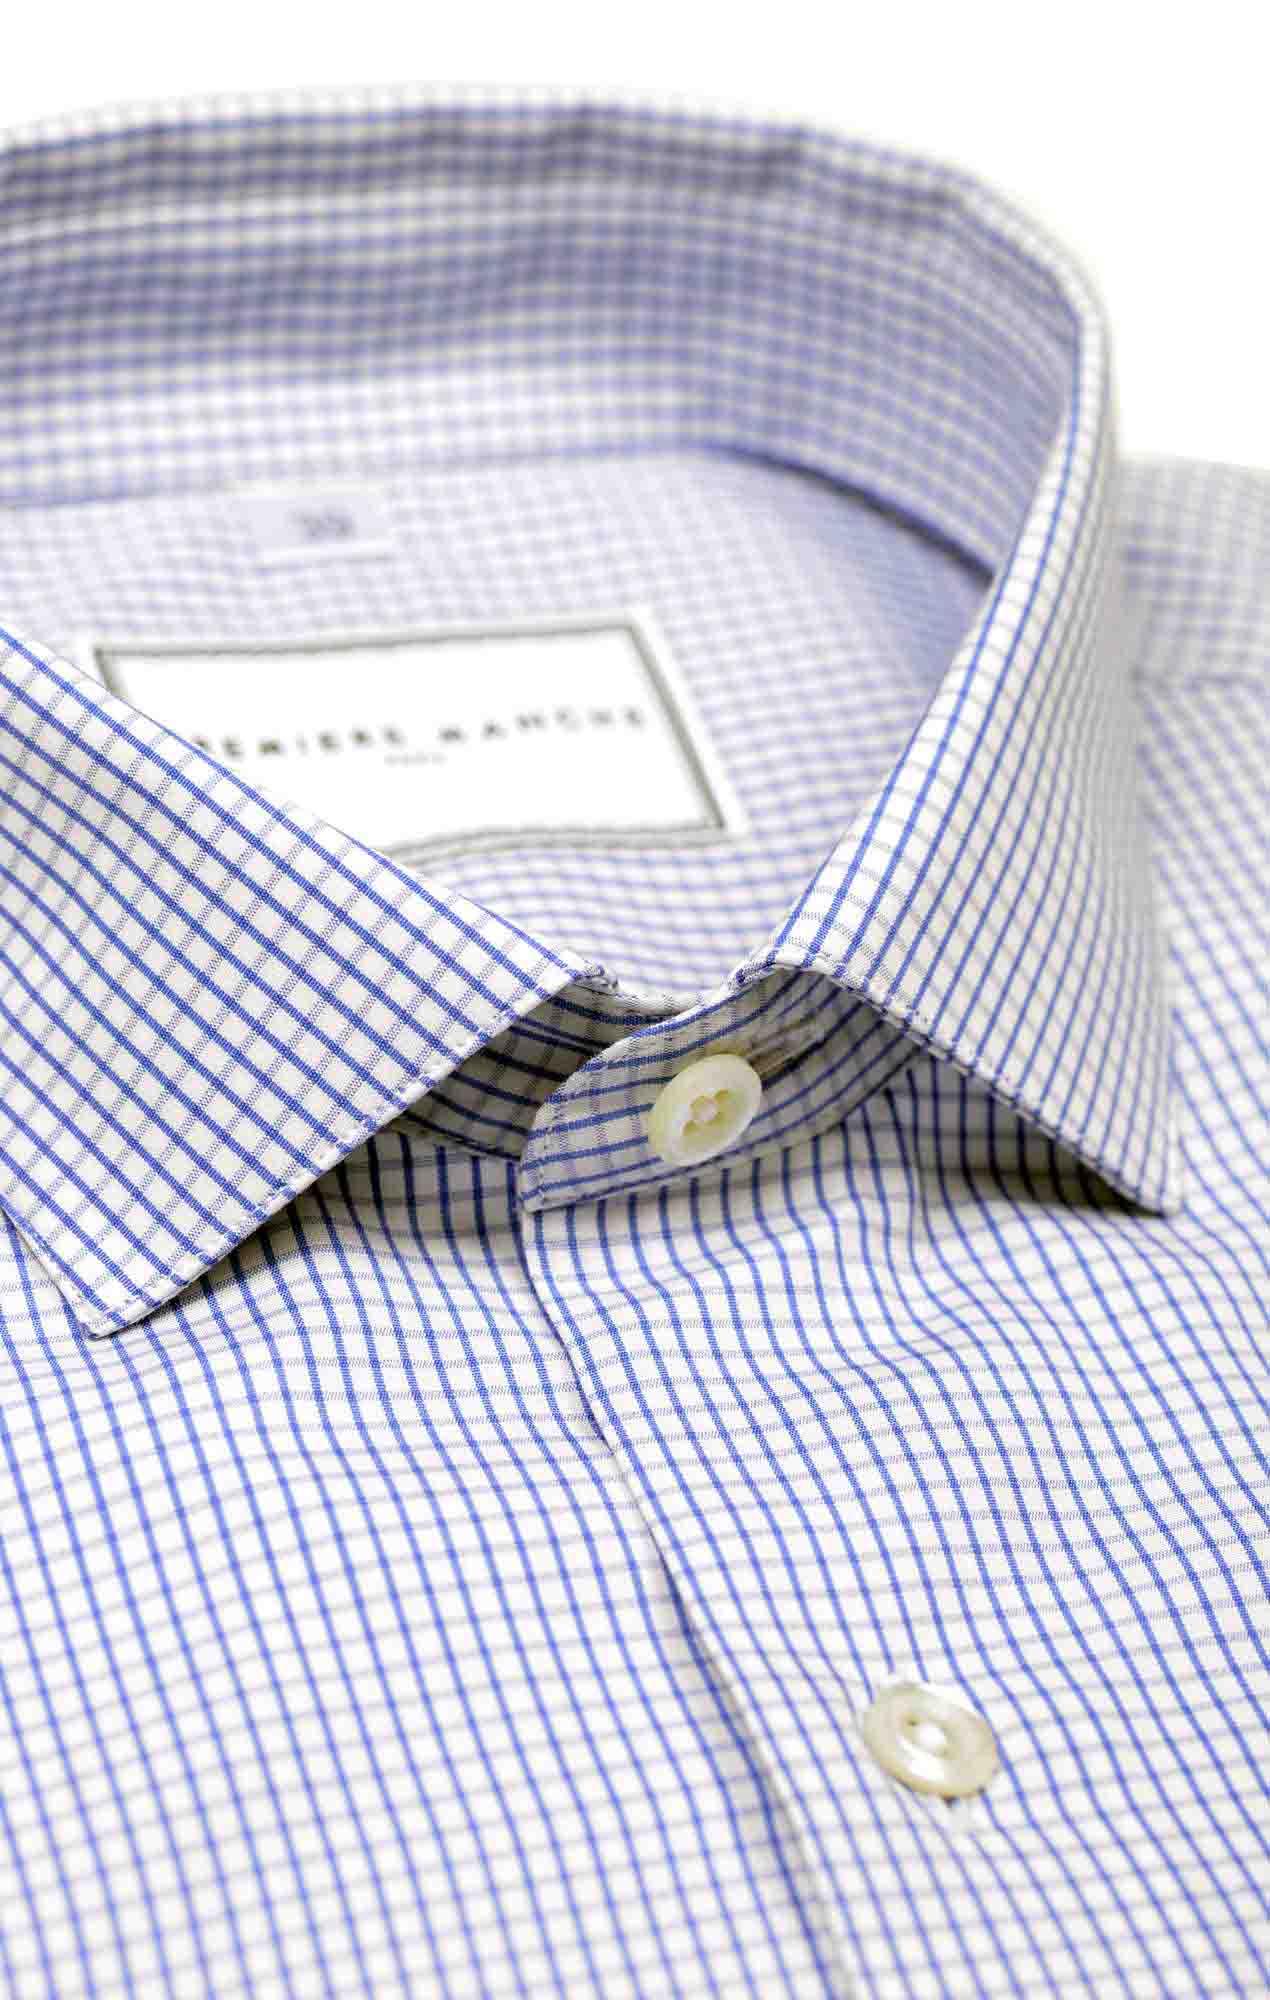 Chemise à carreaux bleu foncé Les chemises